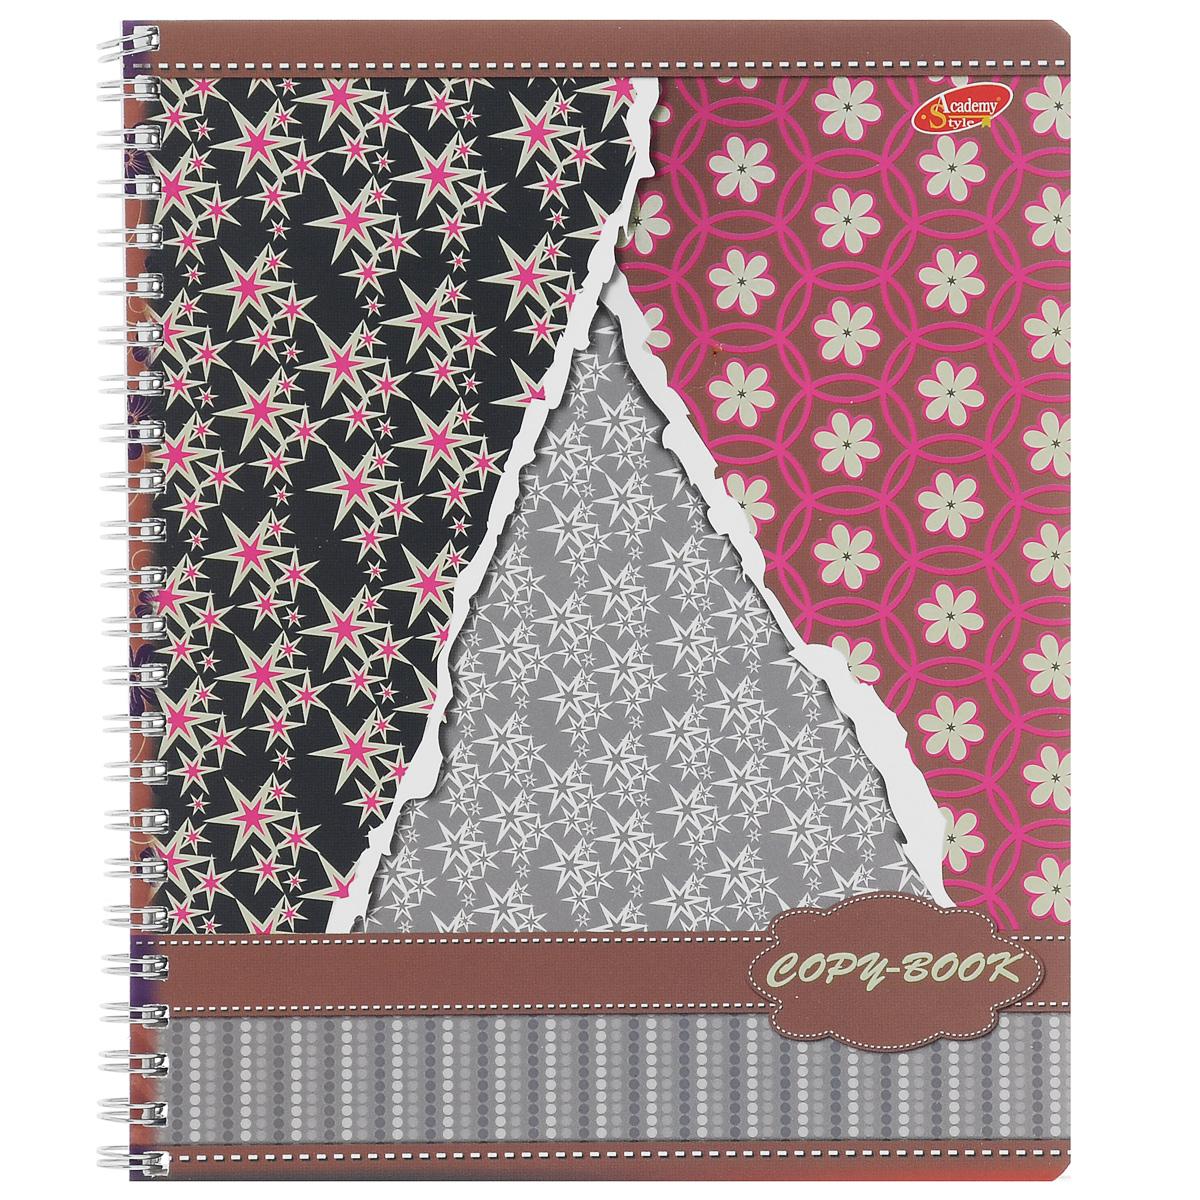 Тетрадь Обои, 80 листов, формат А5. 6590/3_коричневый6590/3_коричневыйТетрадь в клетку Обои с красочным изображением на обложке подойдет как школьнику, так и студенту. Обложкатетради с закругленными углами выполнена из мелованного картона. Внутренний блок состоит из 80 листов белой бумаги со стандартной линовкой в клетку, без полей.